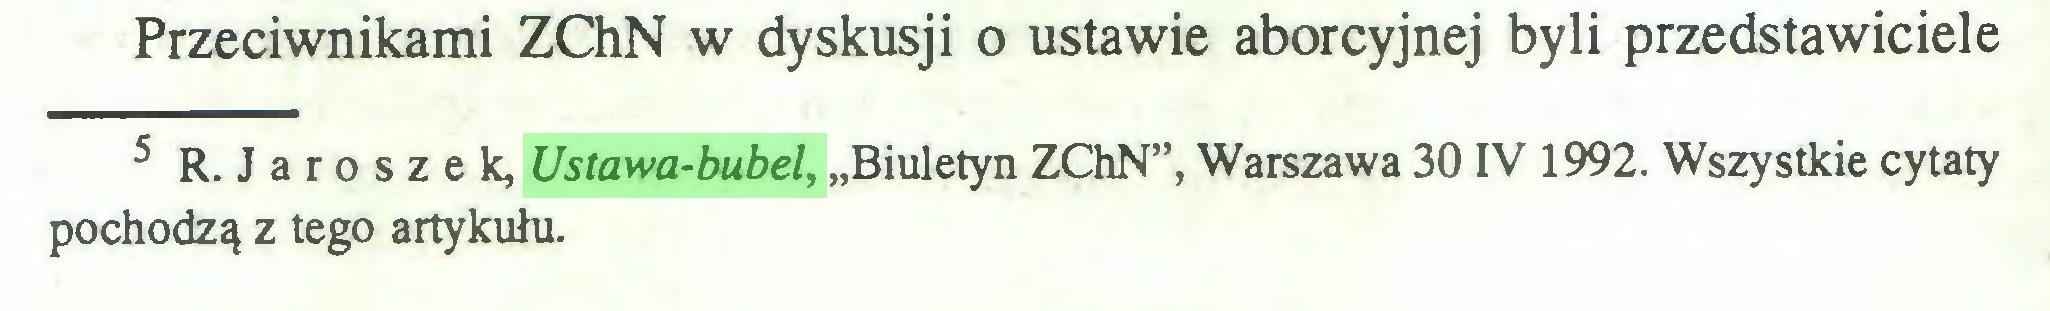 """(...) Przeciwnikami ZChN w dyskusji o ustawie aborcyjnej byli przedstawiciele 5 R. Jaroszek, Ustawa-bubel, """"Biuletyn ZChN"""", Warszawa 30 IV 1992. Wszystkie cytaty pochodzą z tego artykułu..."""